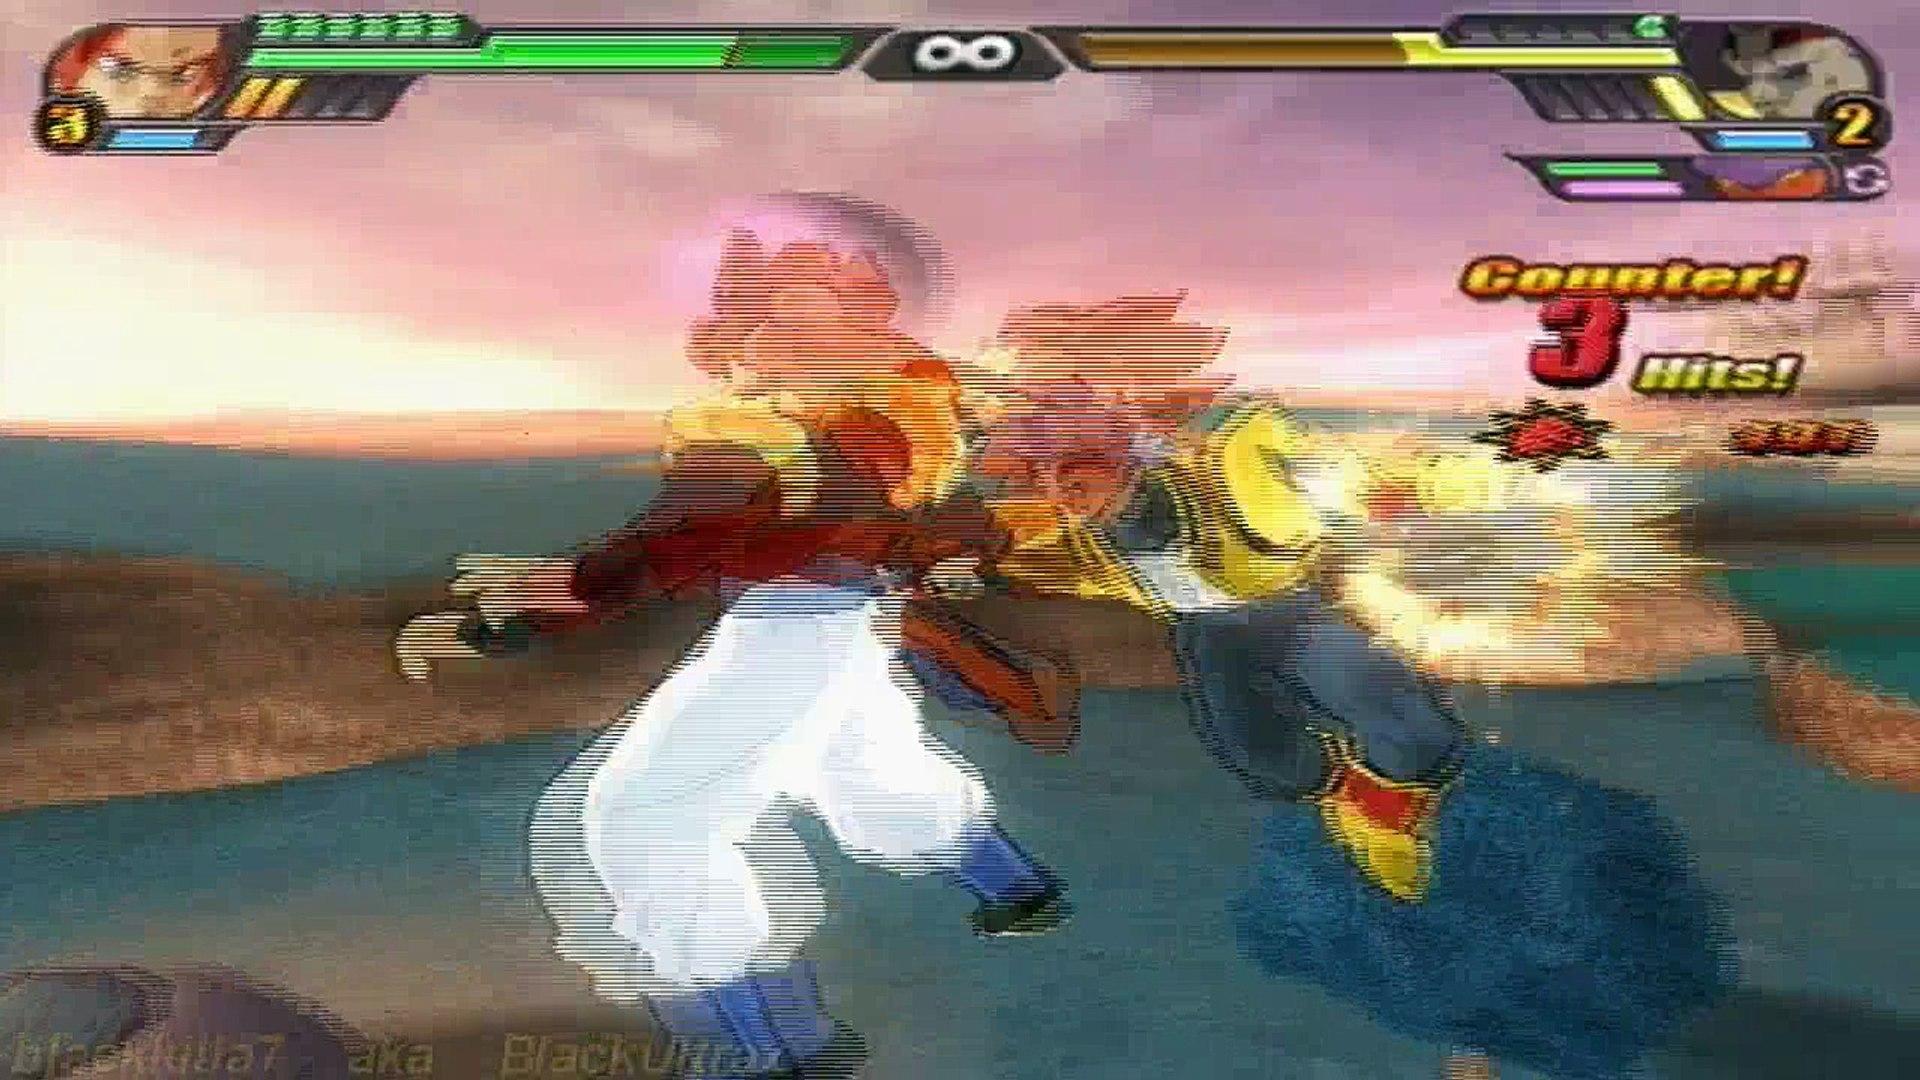 DBZ BT3 Ultimate Fusion vs Broly(Z), Omega Shenrong, Super Baby(Z),Super Janemba(Z),100%Frieza